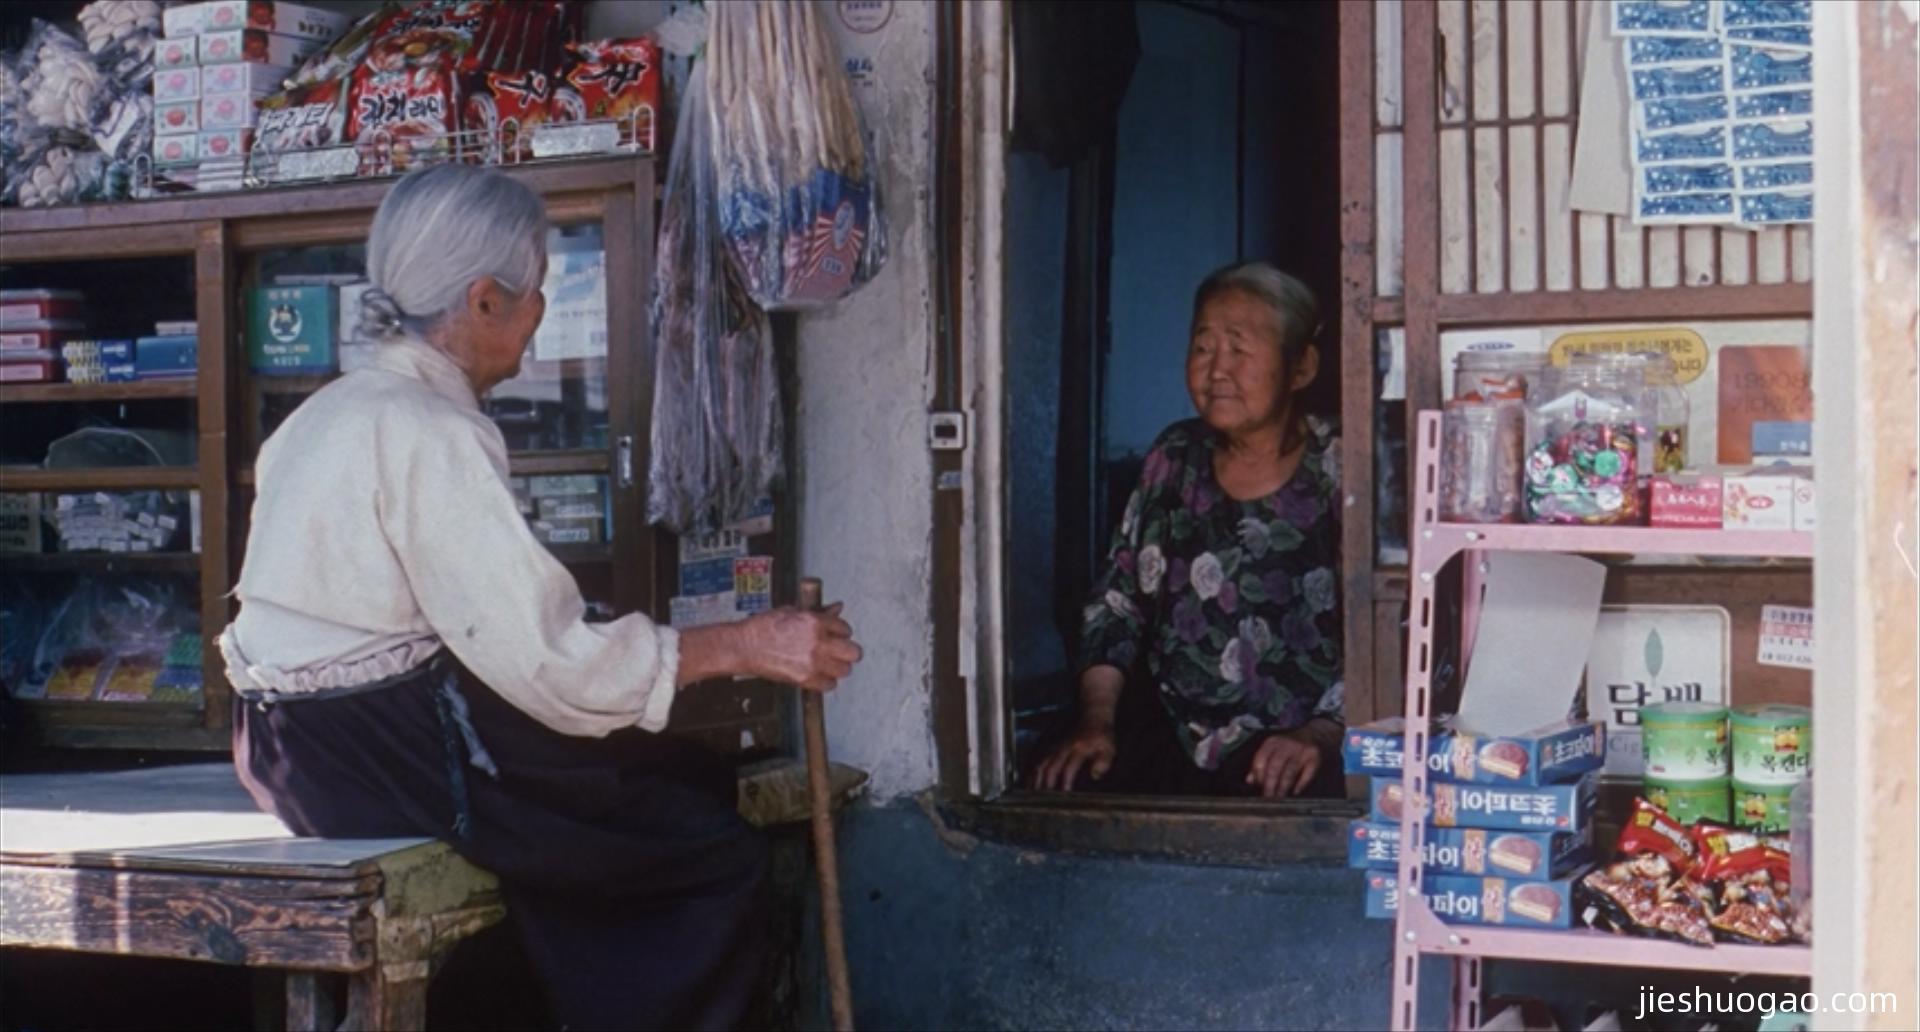 城里的孩子,乡下的外婆 |《外婆的家》8分钟2810字解说稿-第7张图片